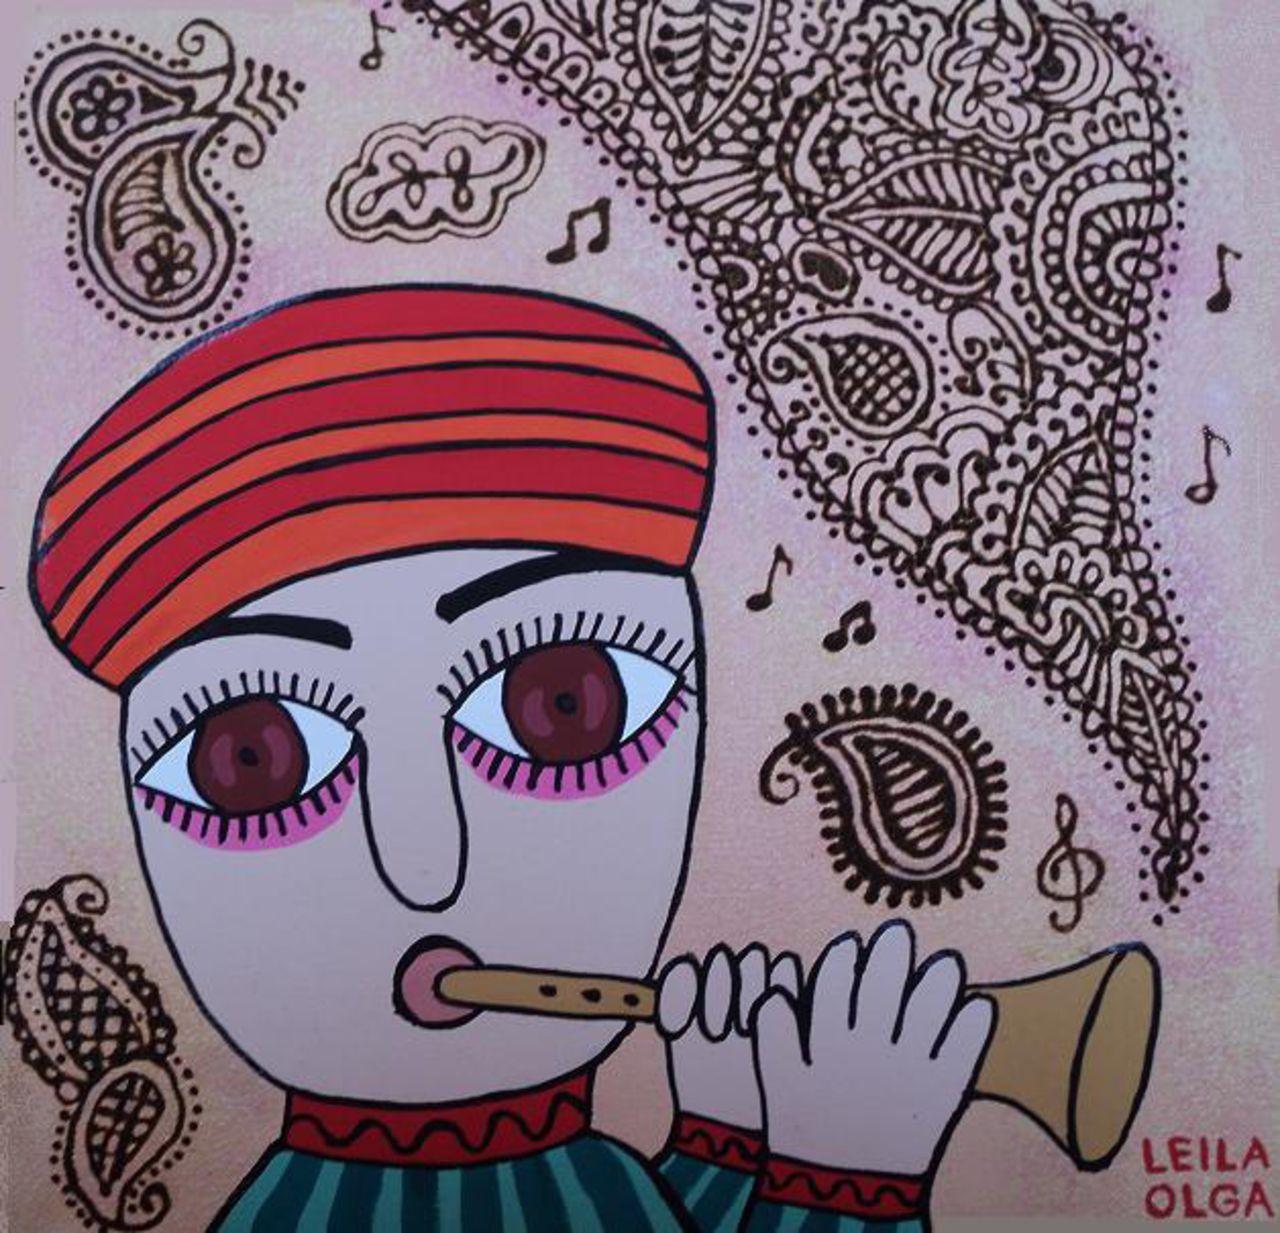 Olga  Leila Joueur de flûte